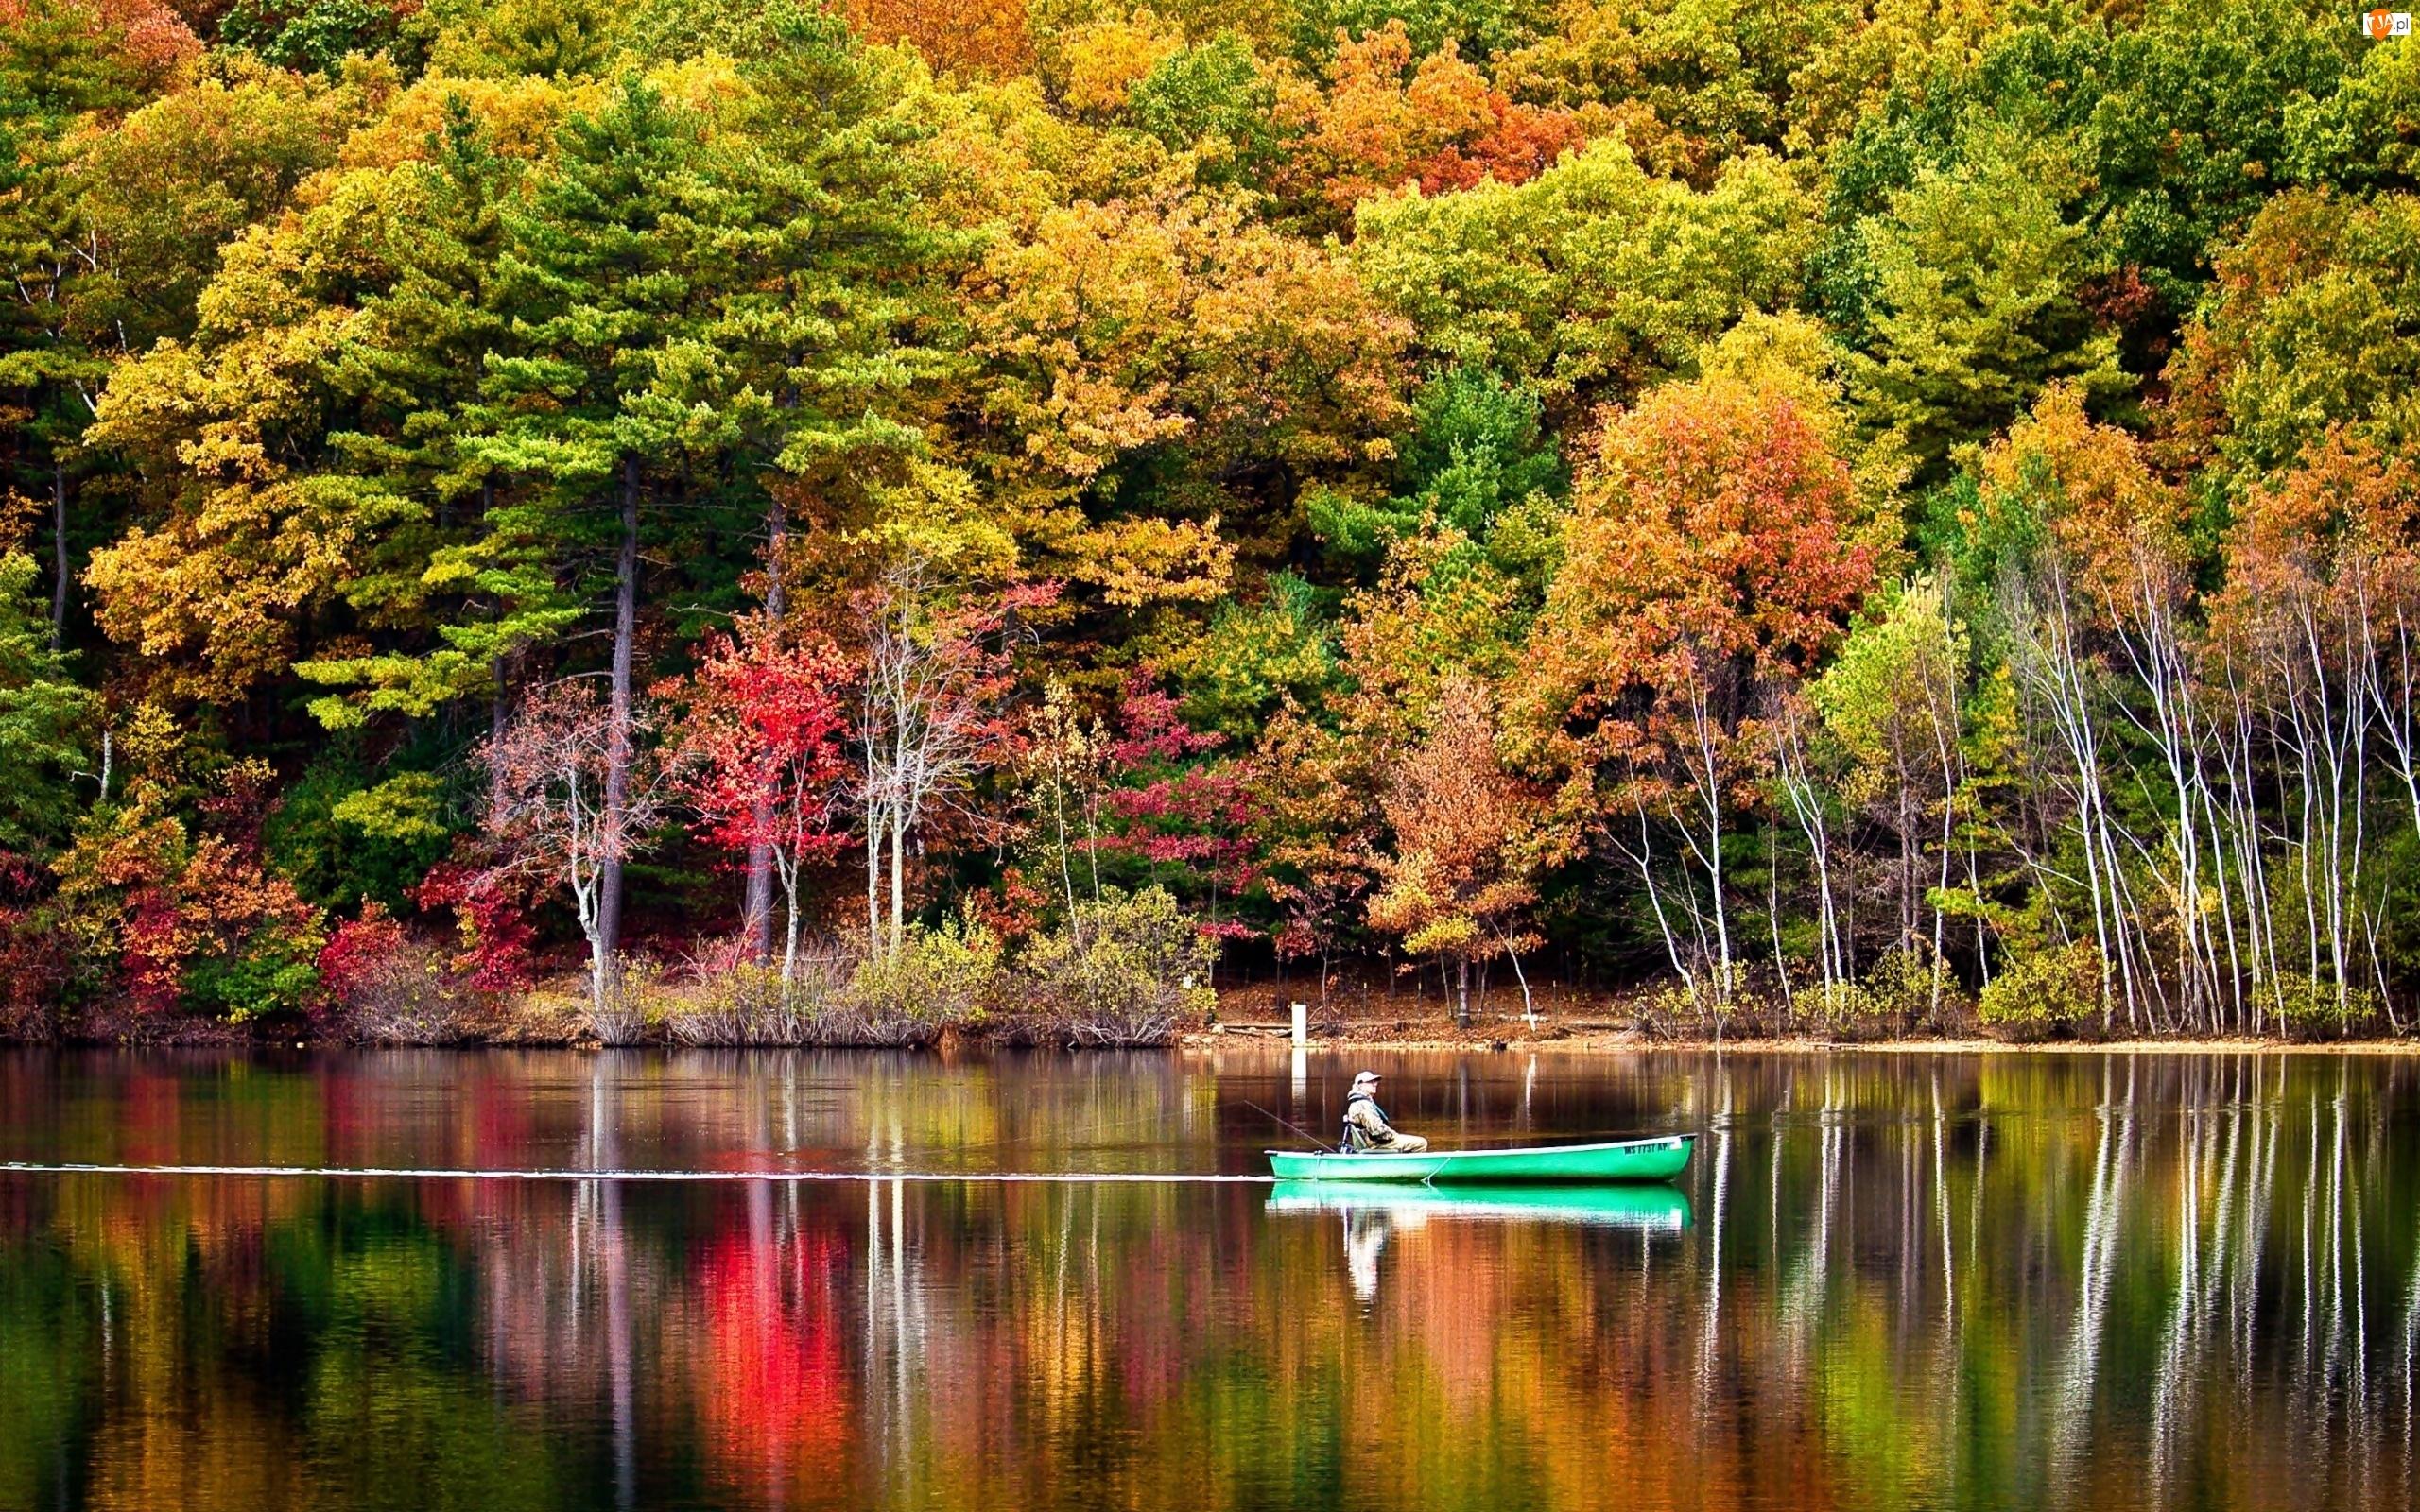 Drzewa, Las, Wędkarz, Jezioro, Jesień, Łódka, Kolorowe